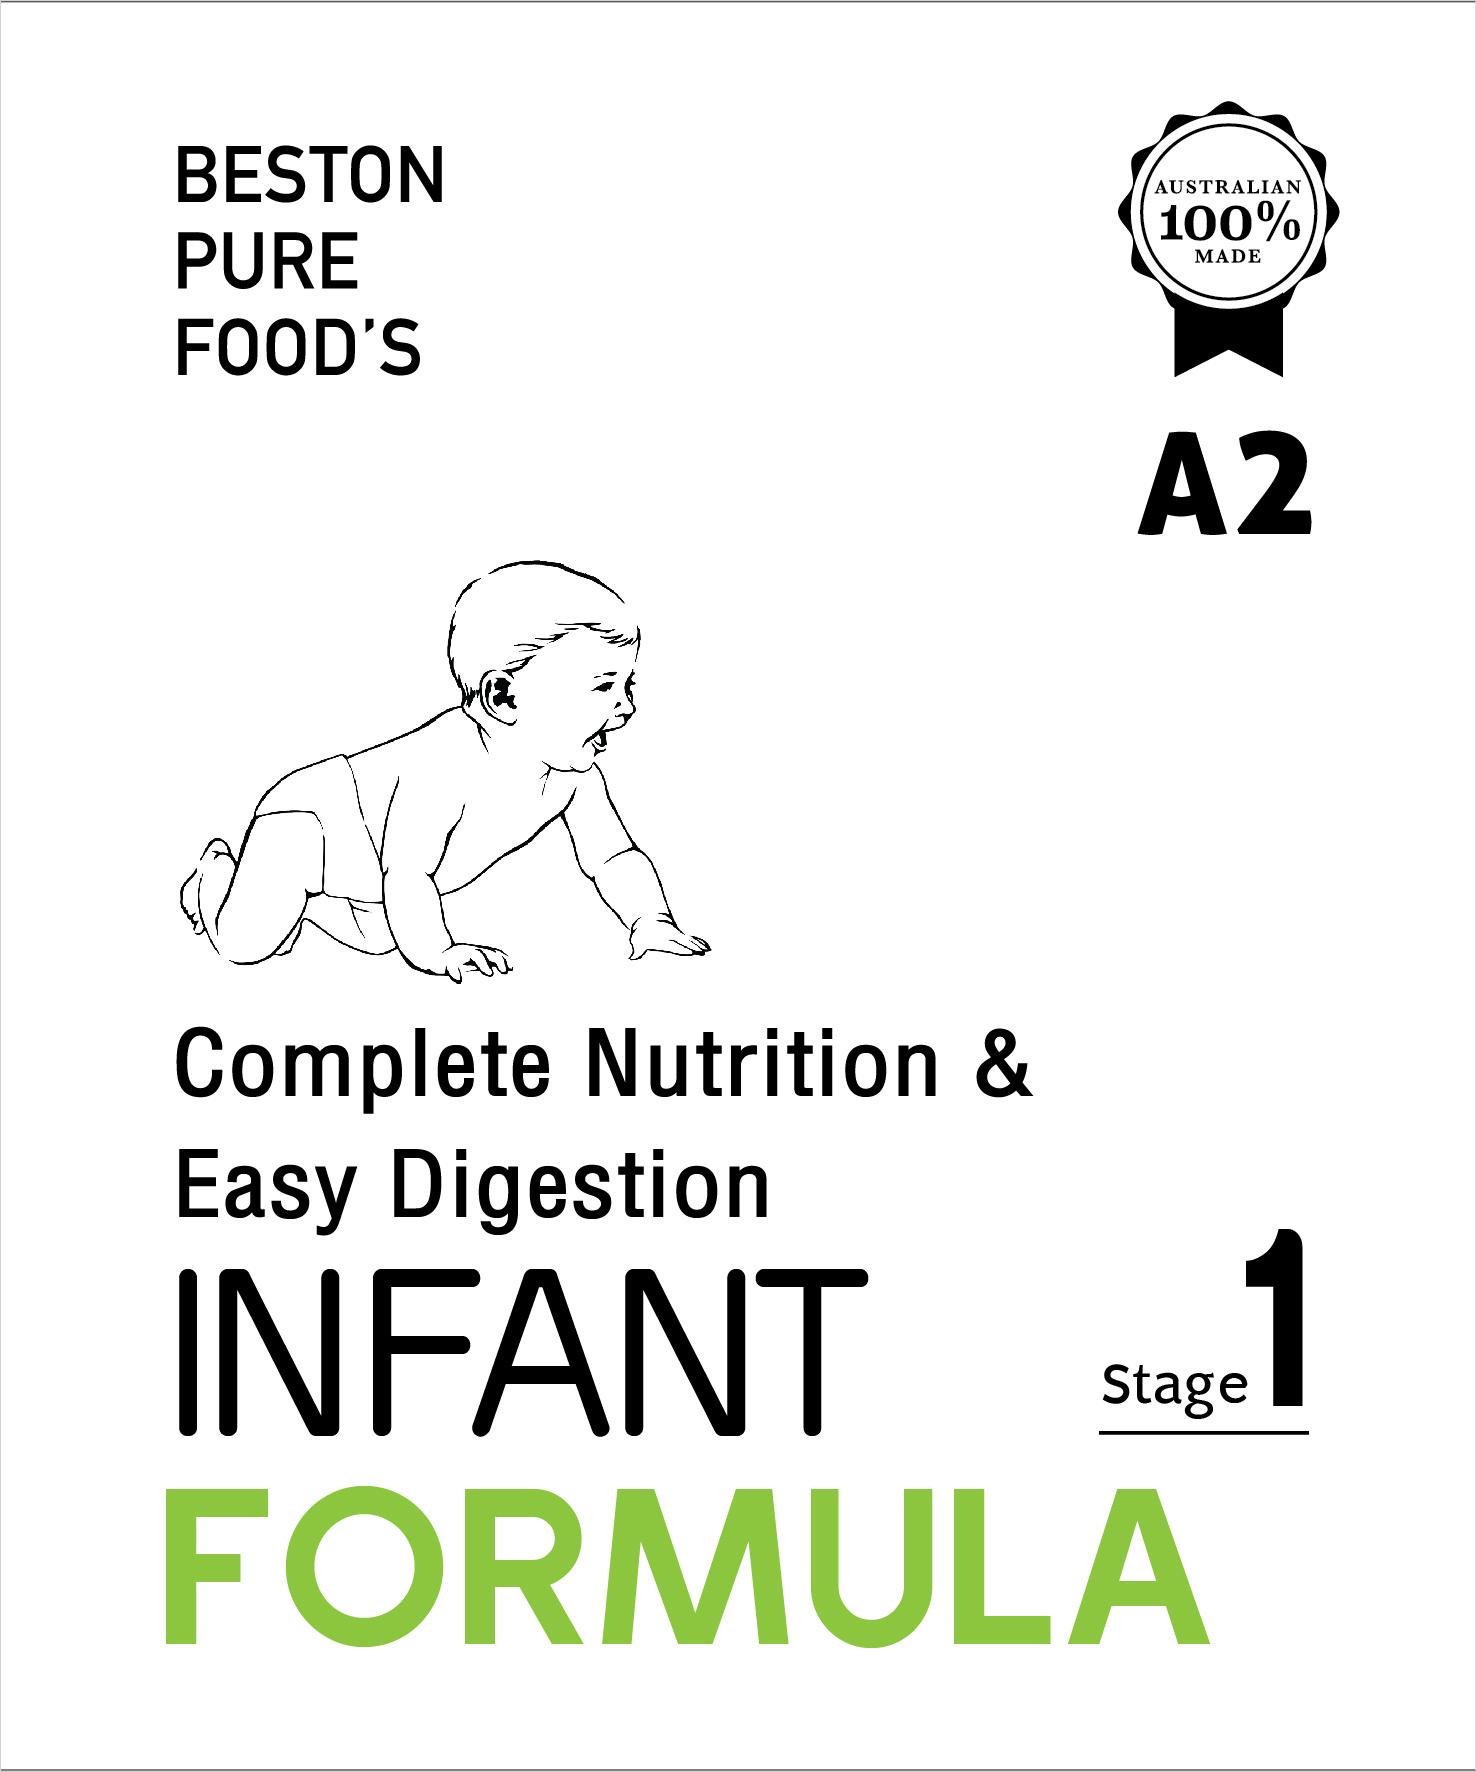 Baby Formula Desgin 3-02